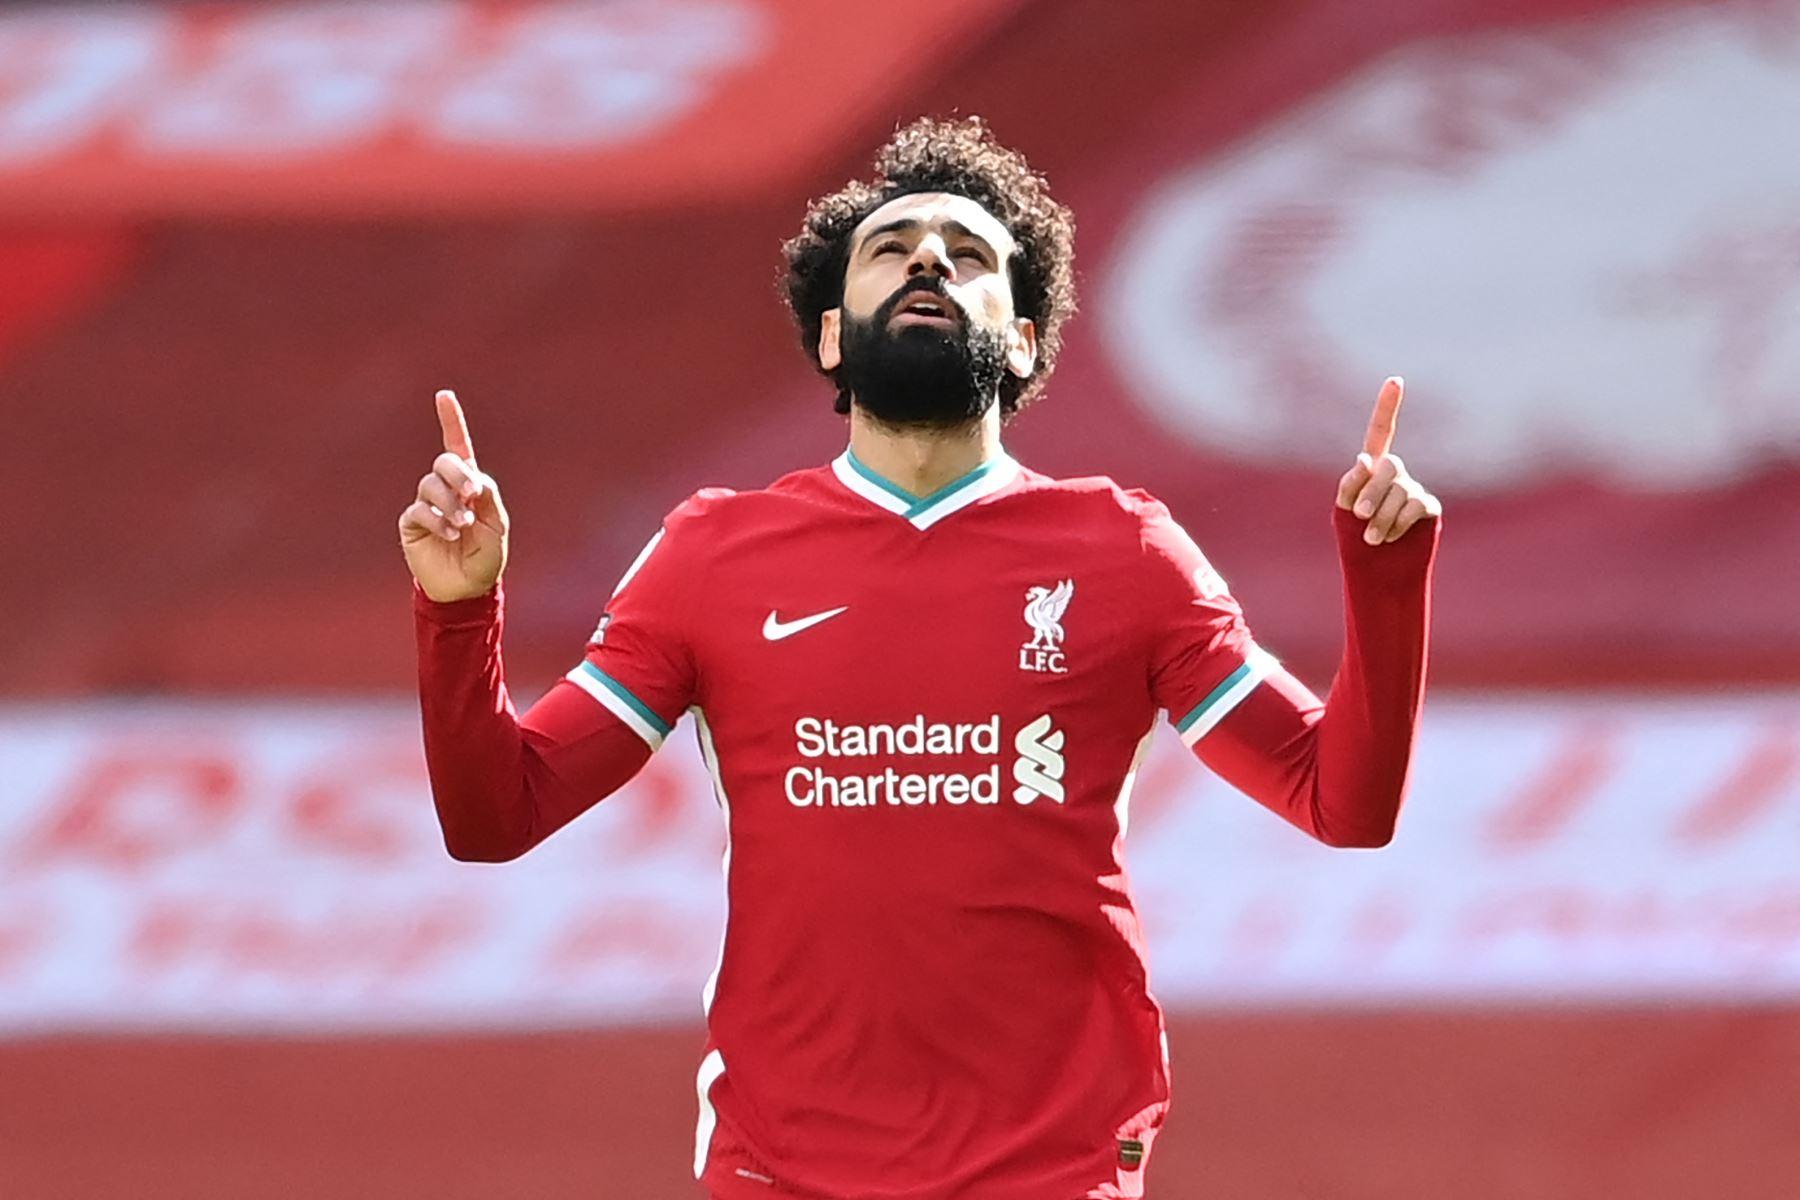 El centrocampista egipcio del Liverpool, Mohamed Salah, celebra tras anotar el primer gol de su equipo durante el partido de fútbol de la Premier League inglesa entre Liverpool y Aston Villa. Foto: AFP